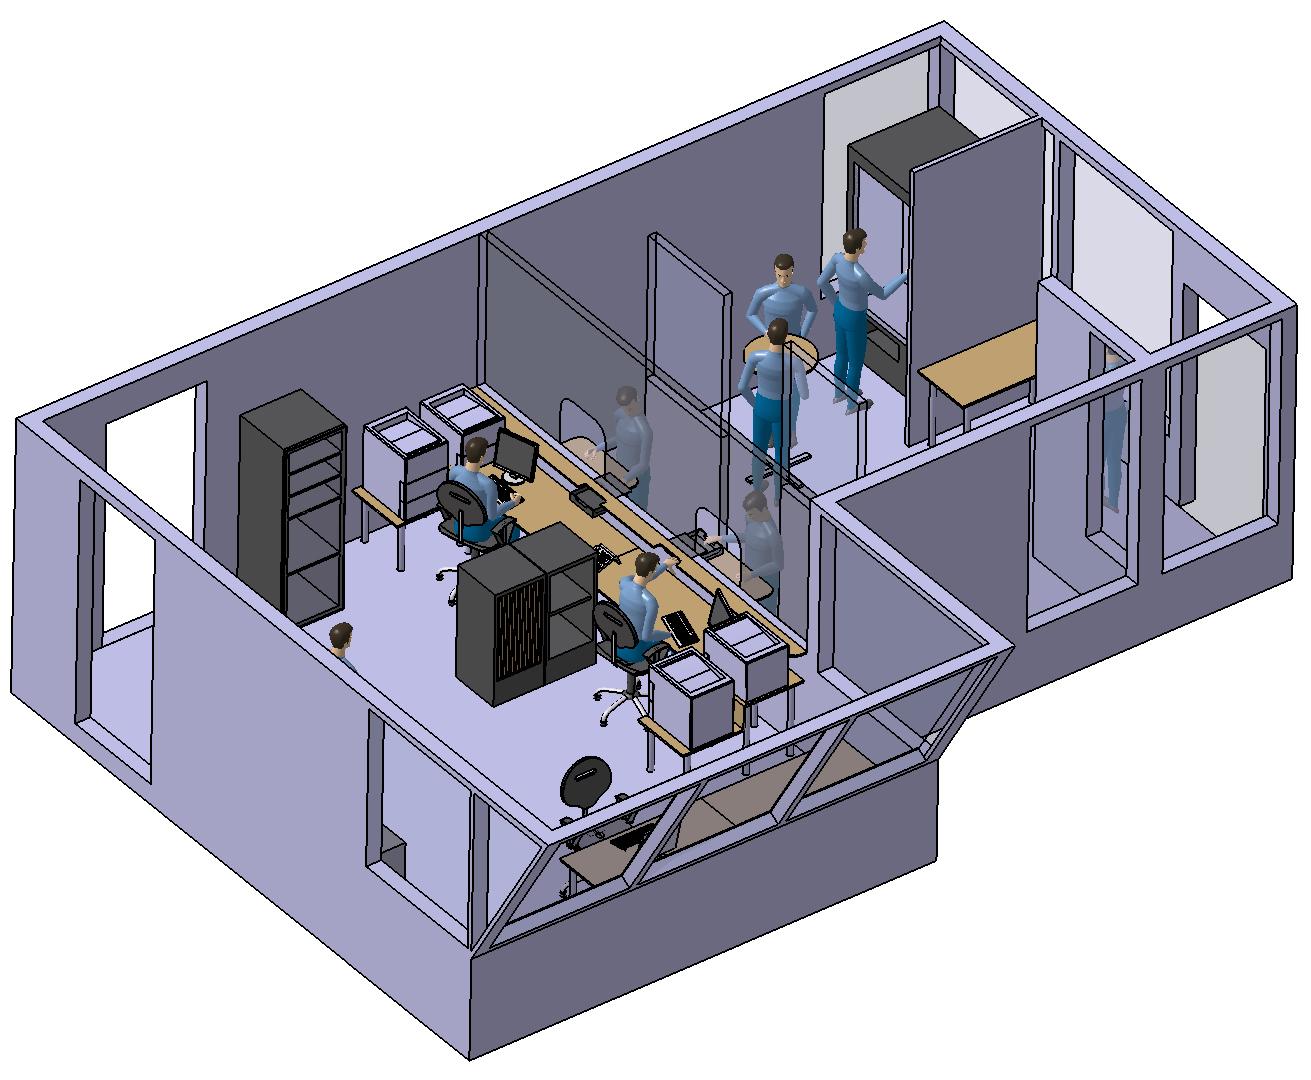 1 CATIA V5 amenagement espace